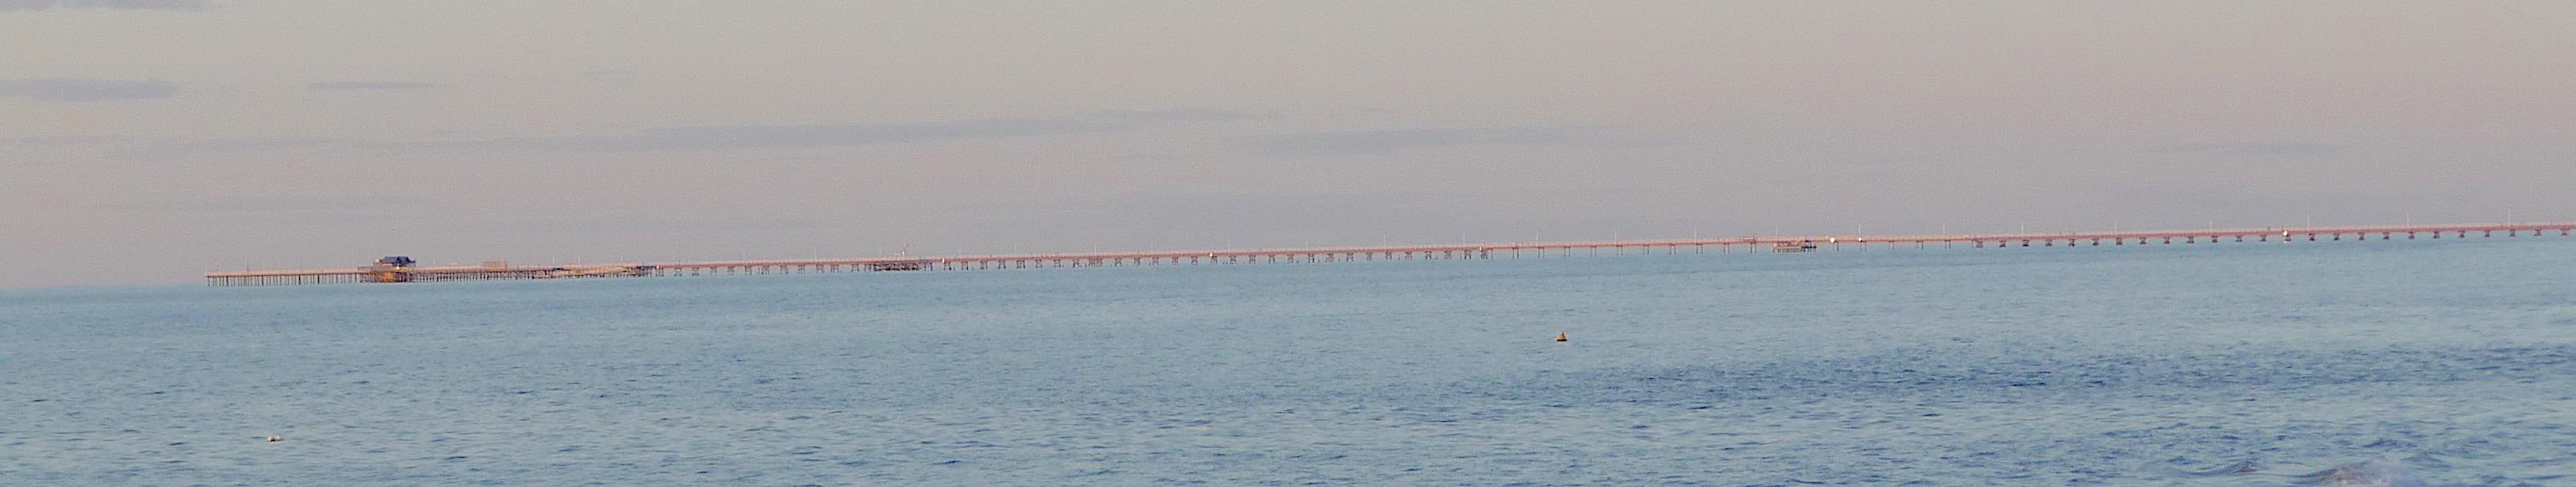 1a.Busselton jetty